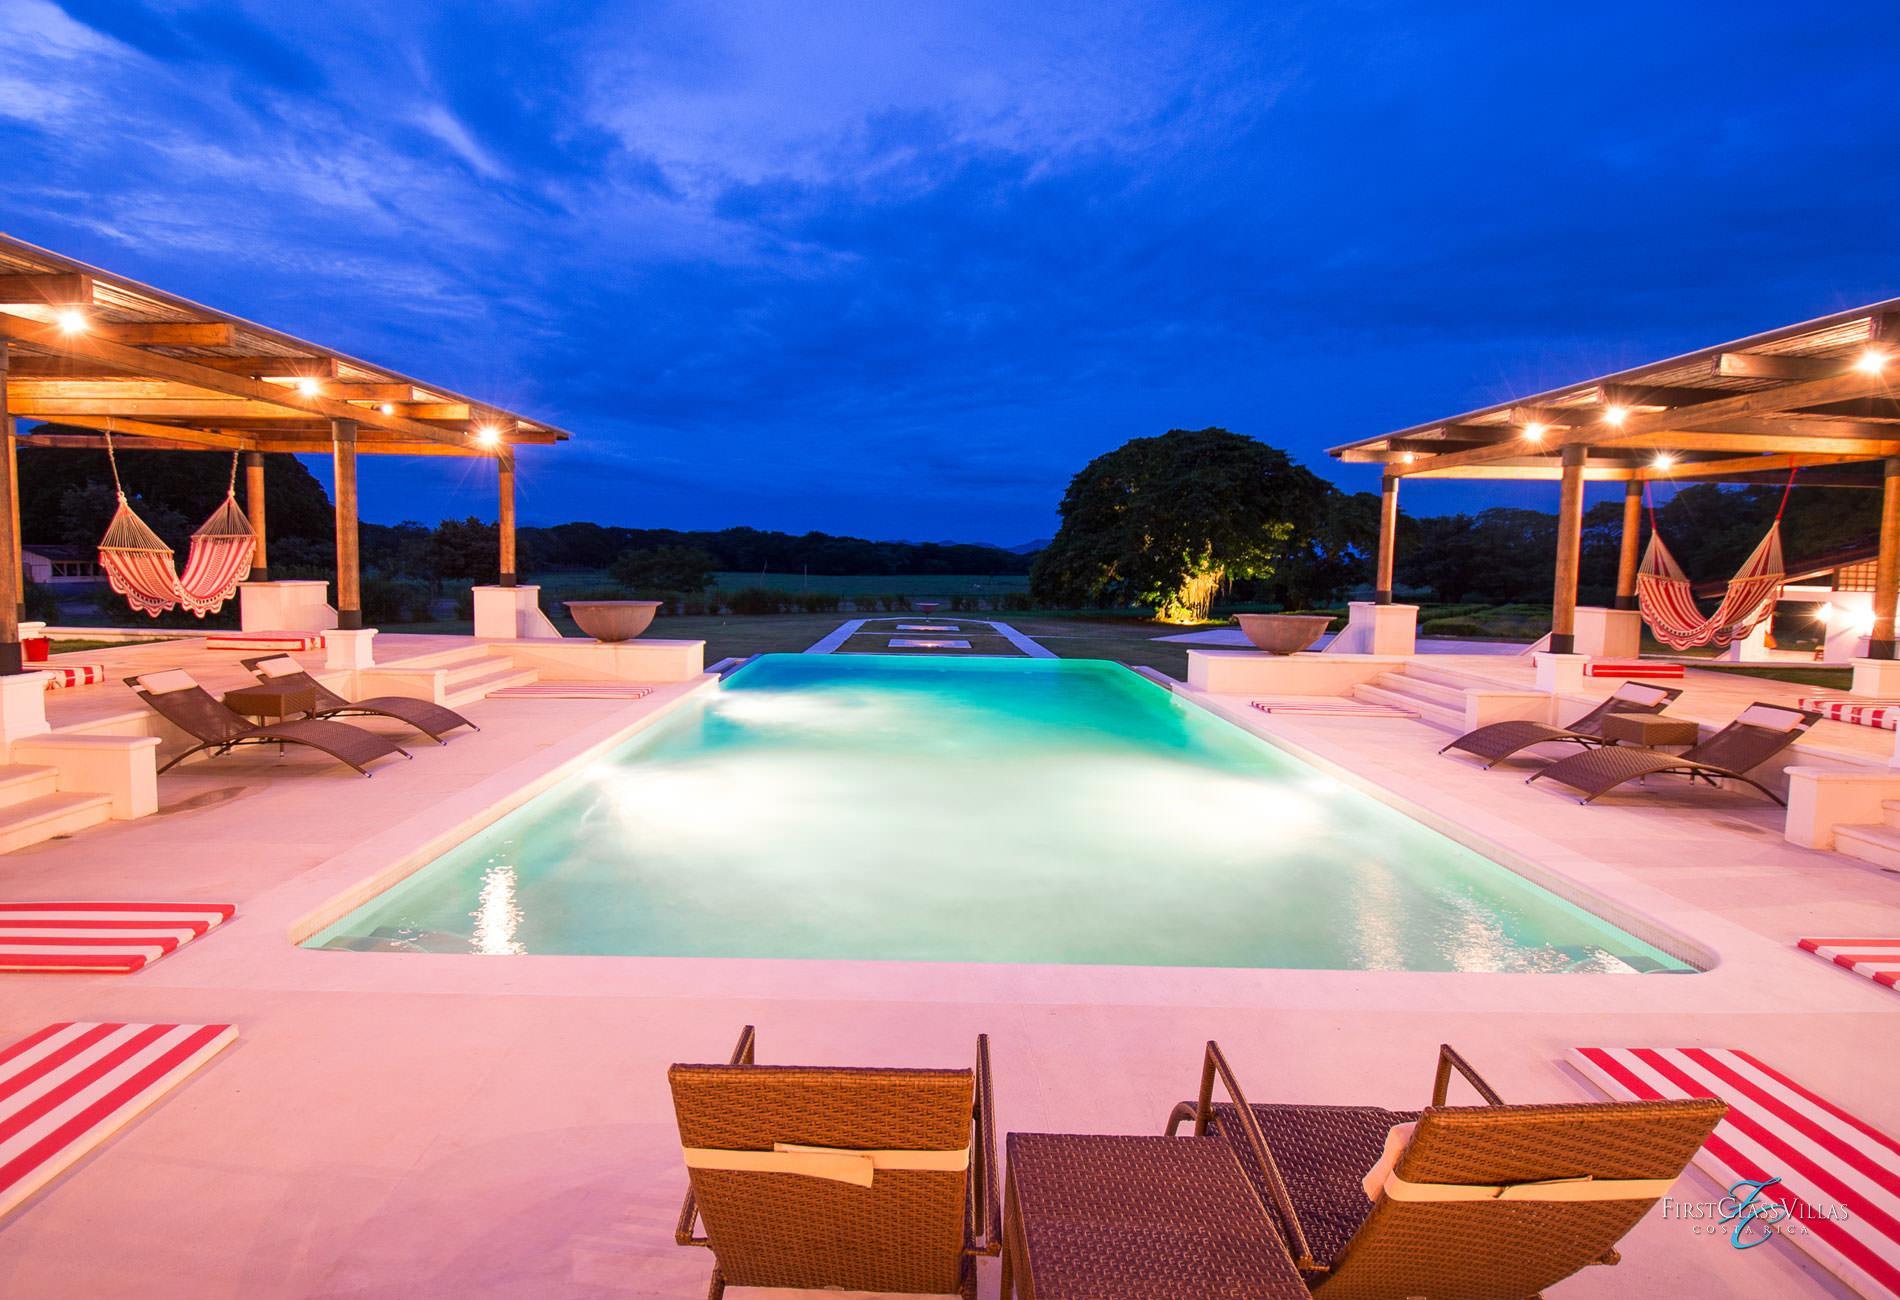 Villa conchita costa rica villa rentals costa rica vacations for Rent a villa in costa rica